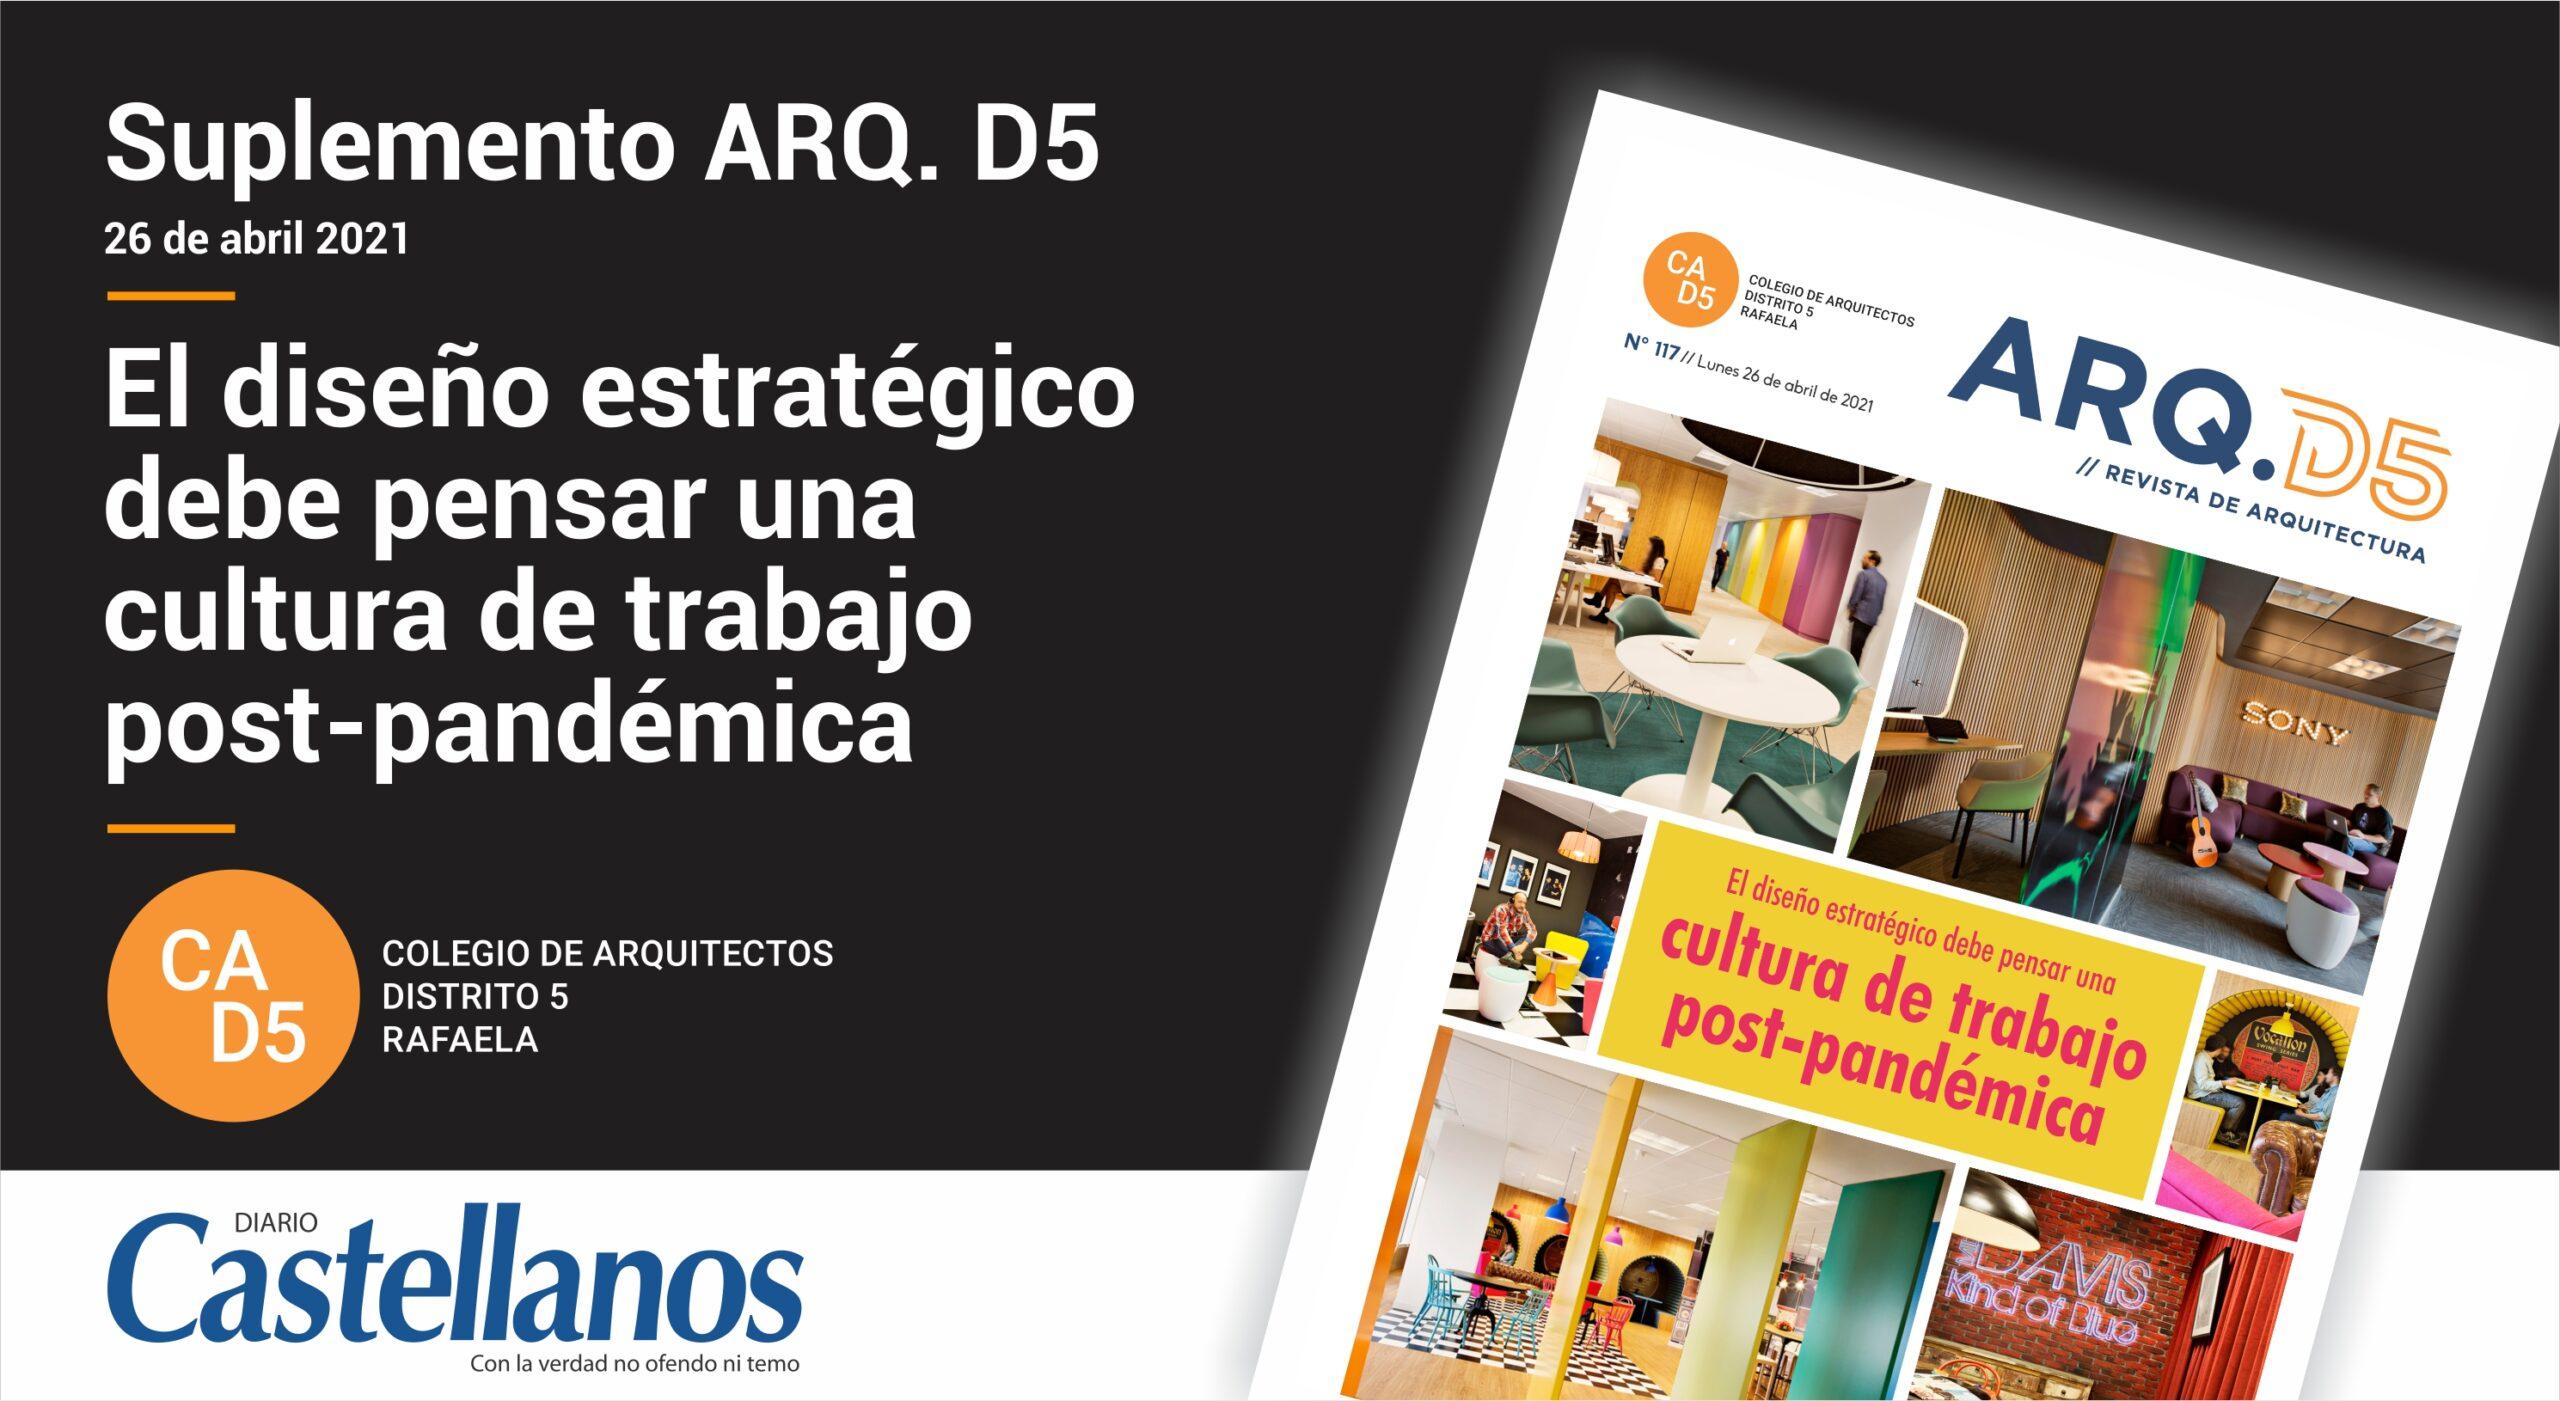 Suplemento ARQ D5 26-04-2021